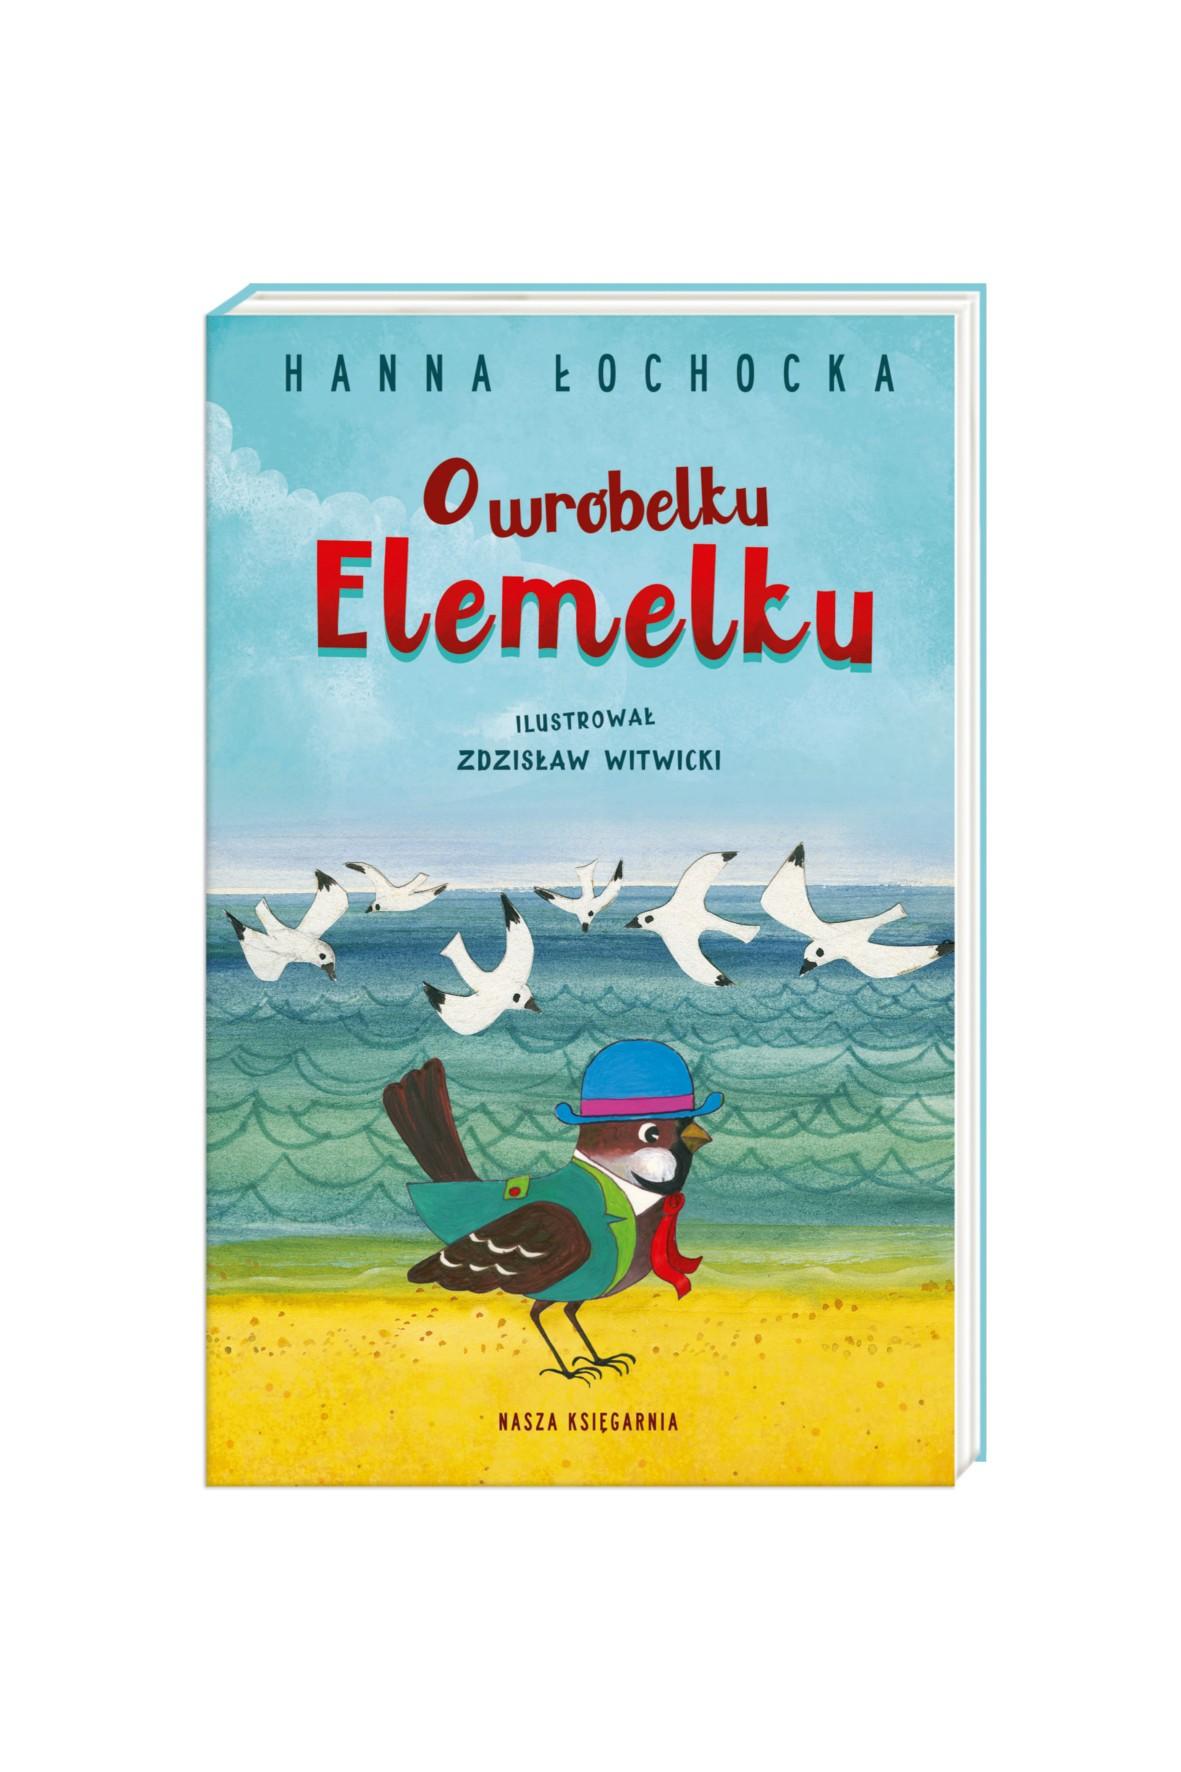 Książka dla dzieci- O wróbelku elemelku